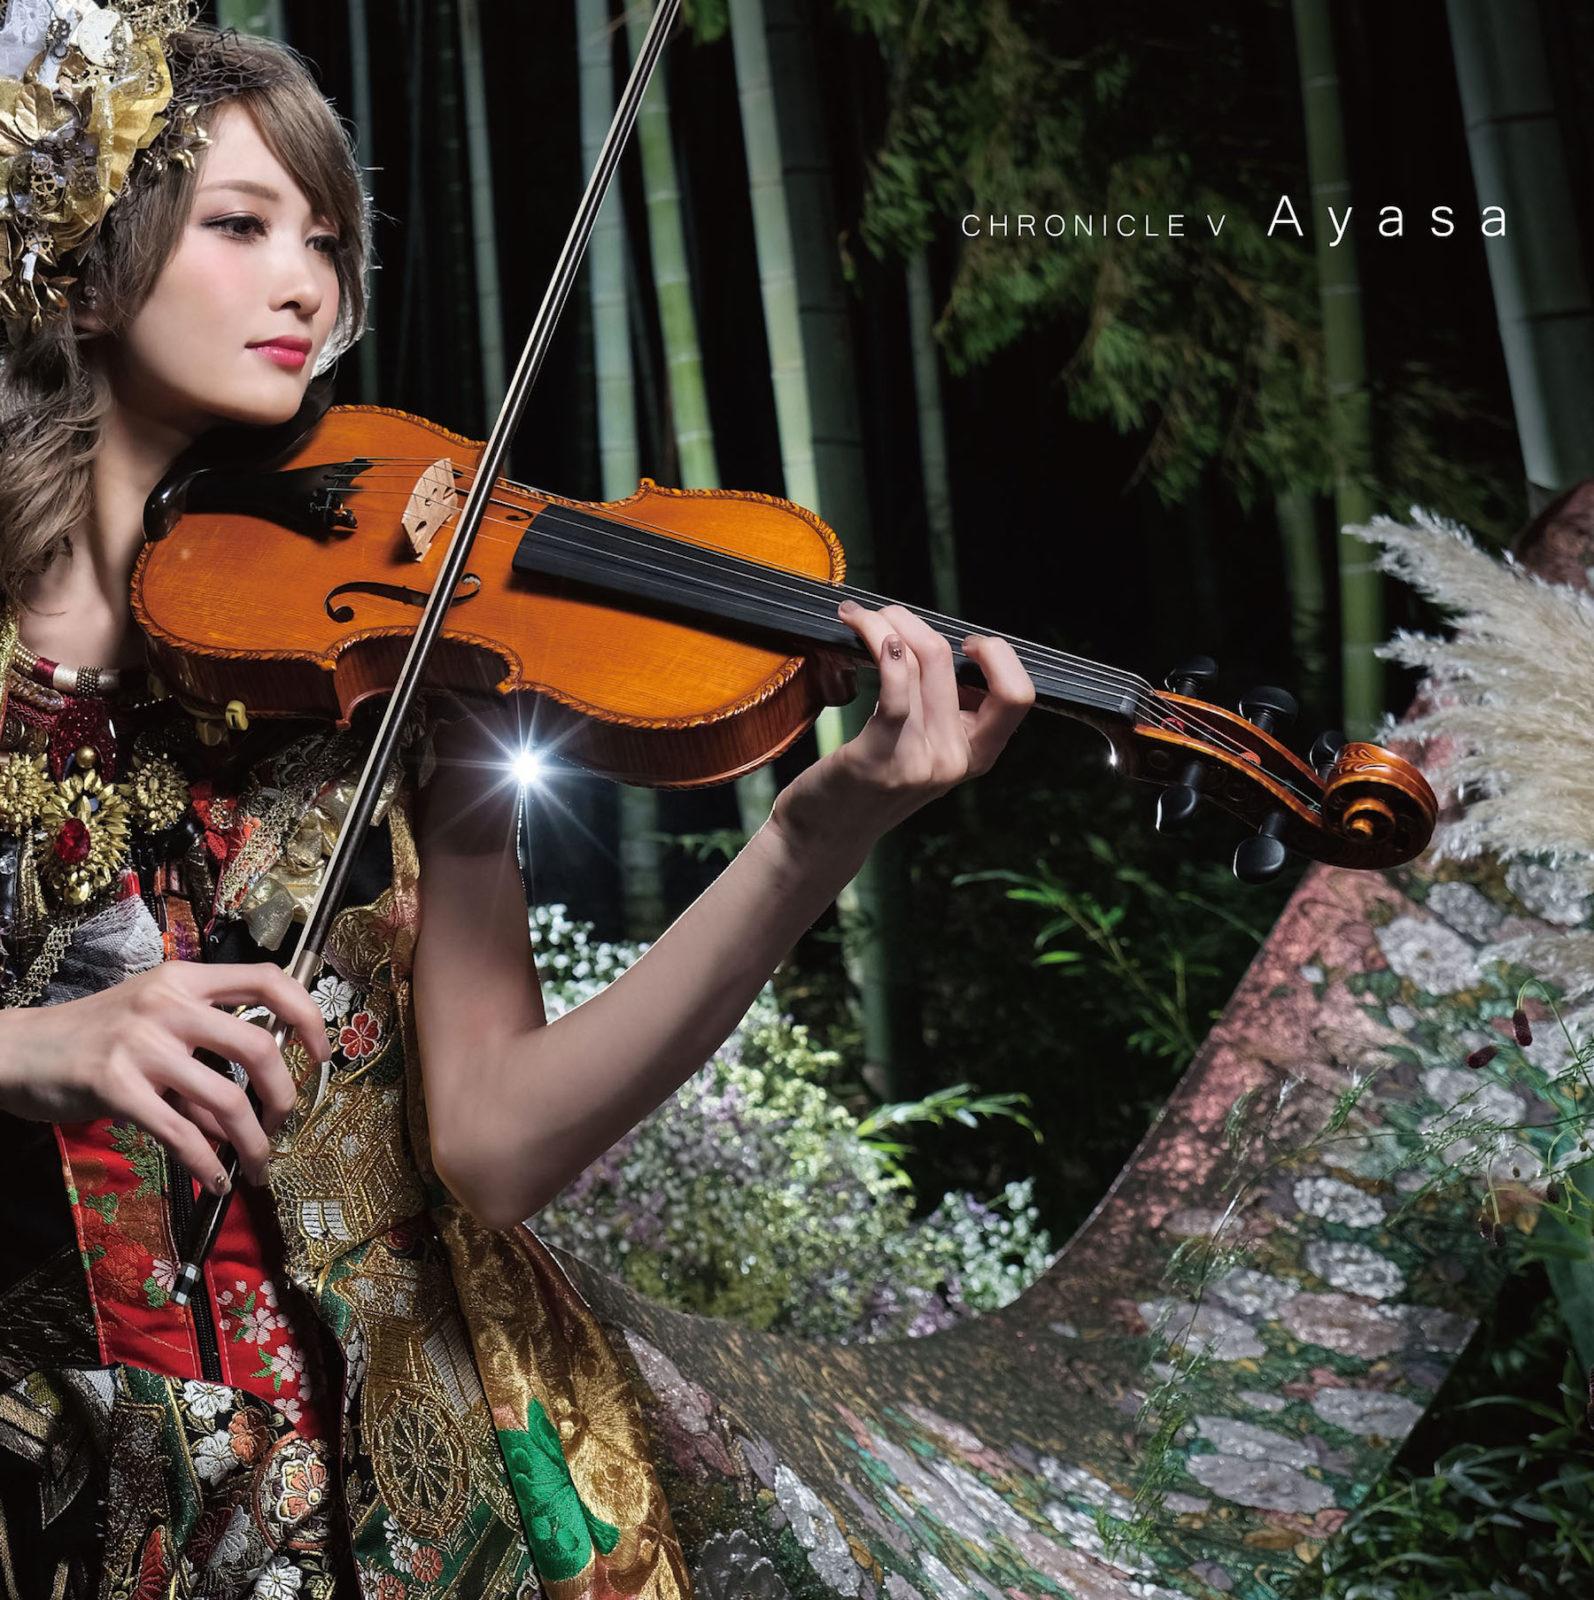 美人すぎるヴァイオリニスト・Ayasaがニューミ二アルバムの発売と初ツアーを発表サムネイル画像